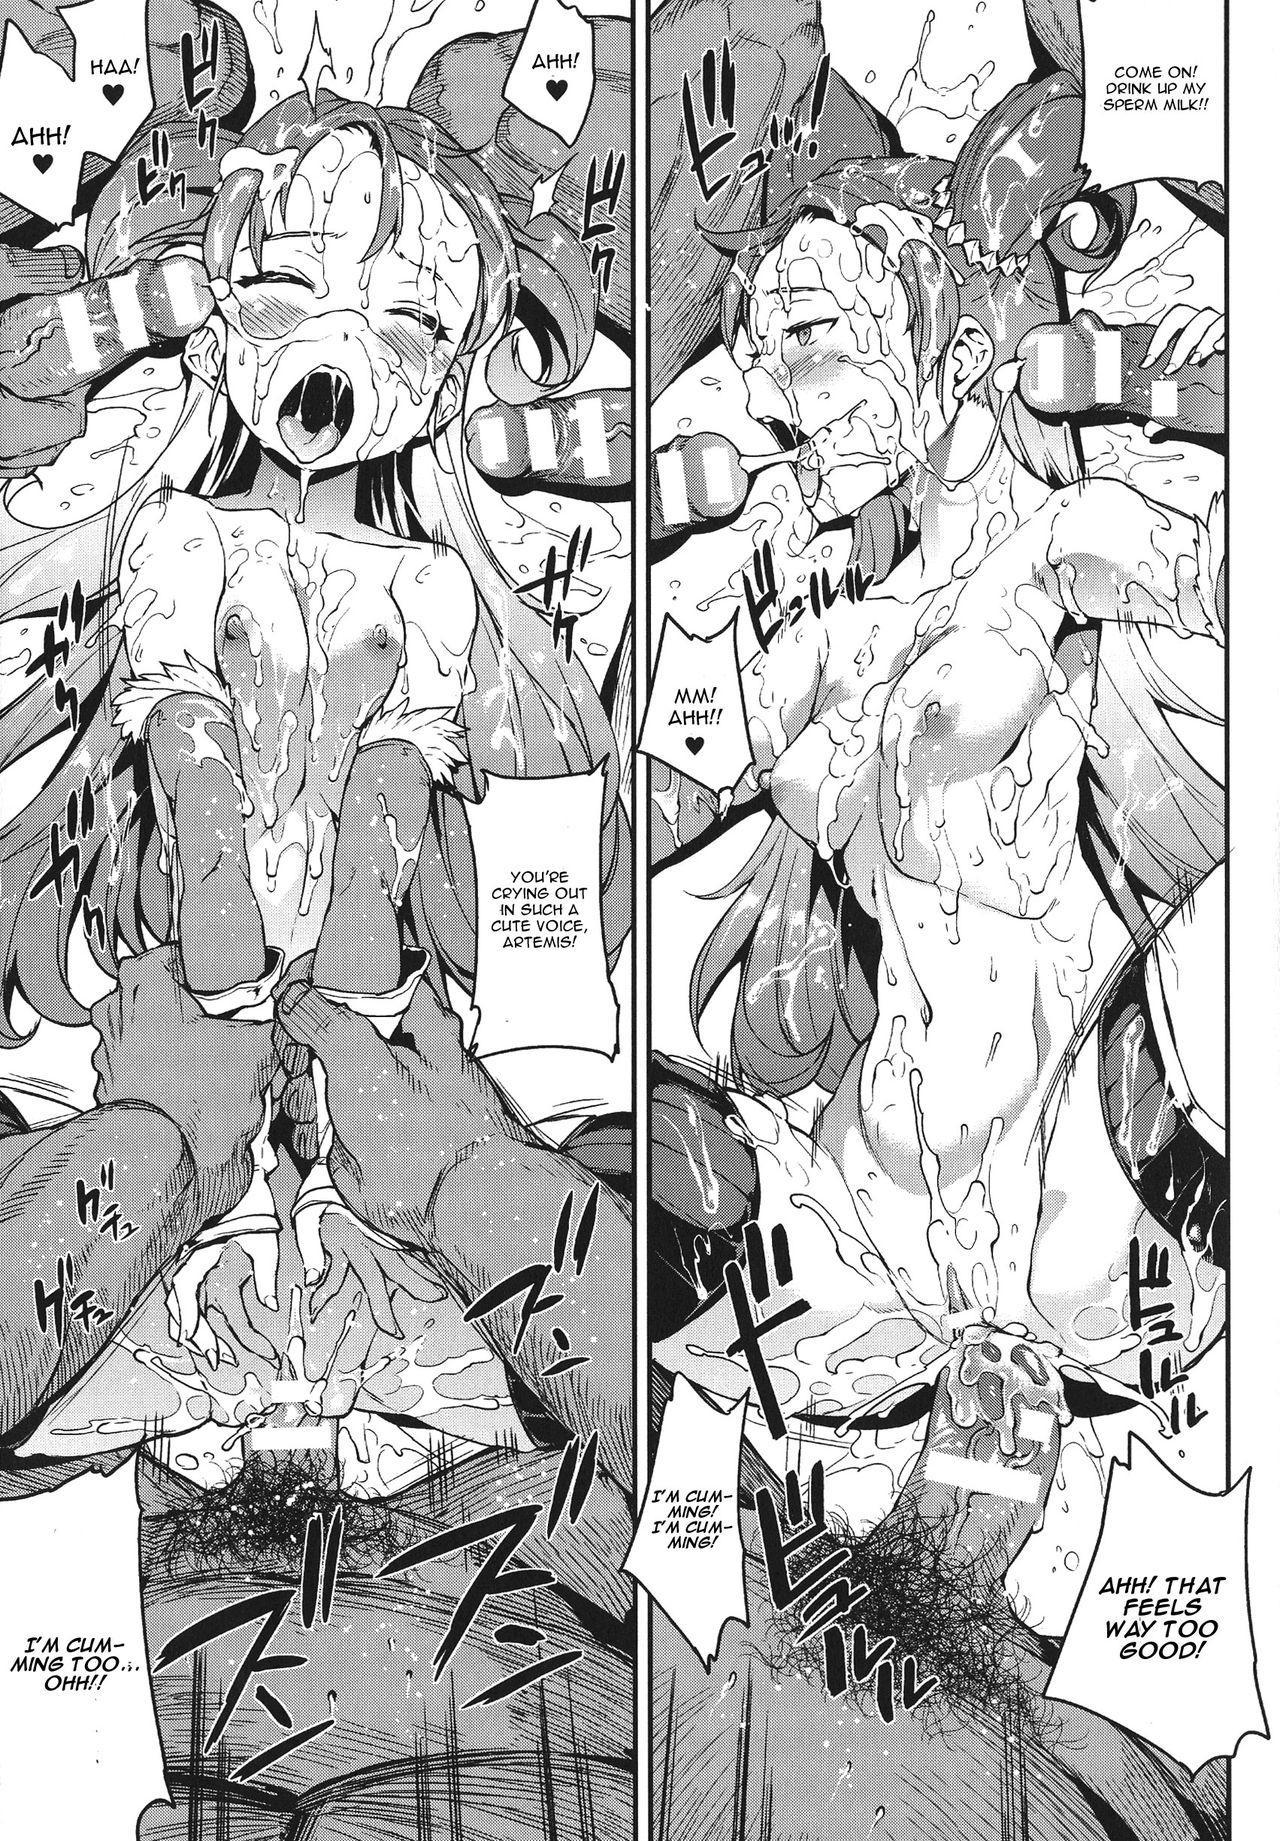 [Erect Sawaru] Raikou Shinki Igis Magia -PANDRA saga 3rd ignition- Ch. 1-5 [English] [CGrascal] 101